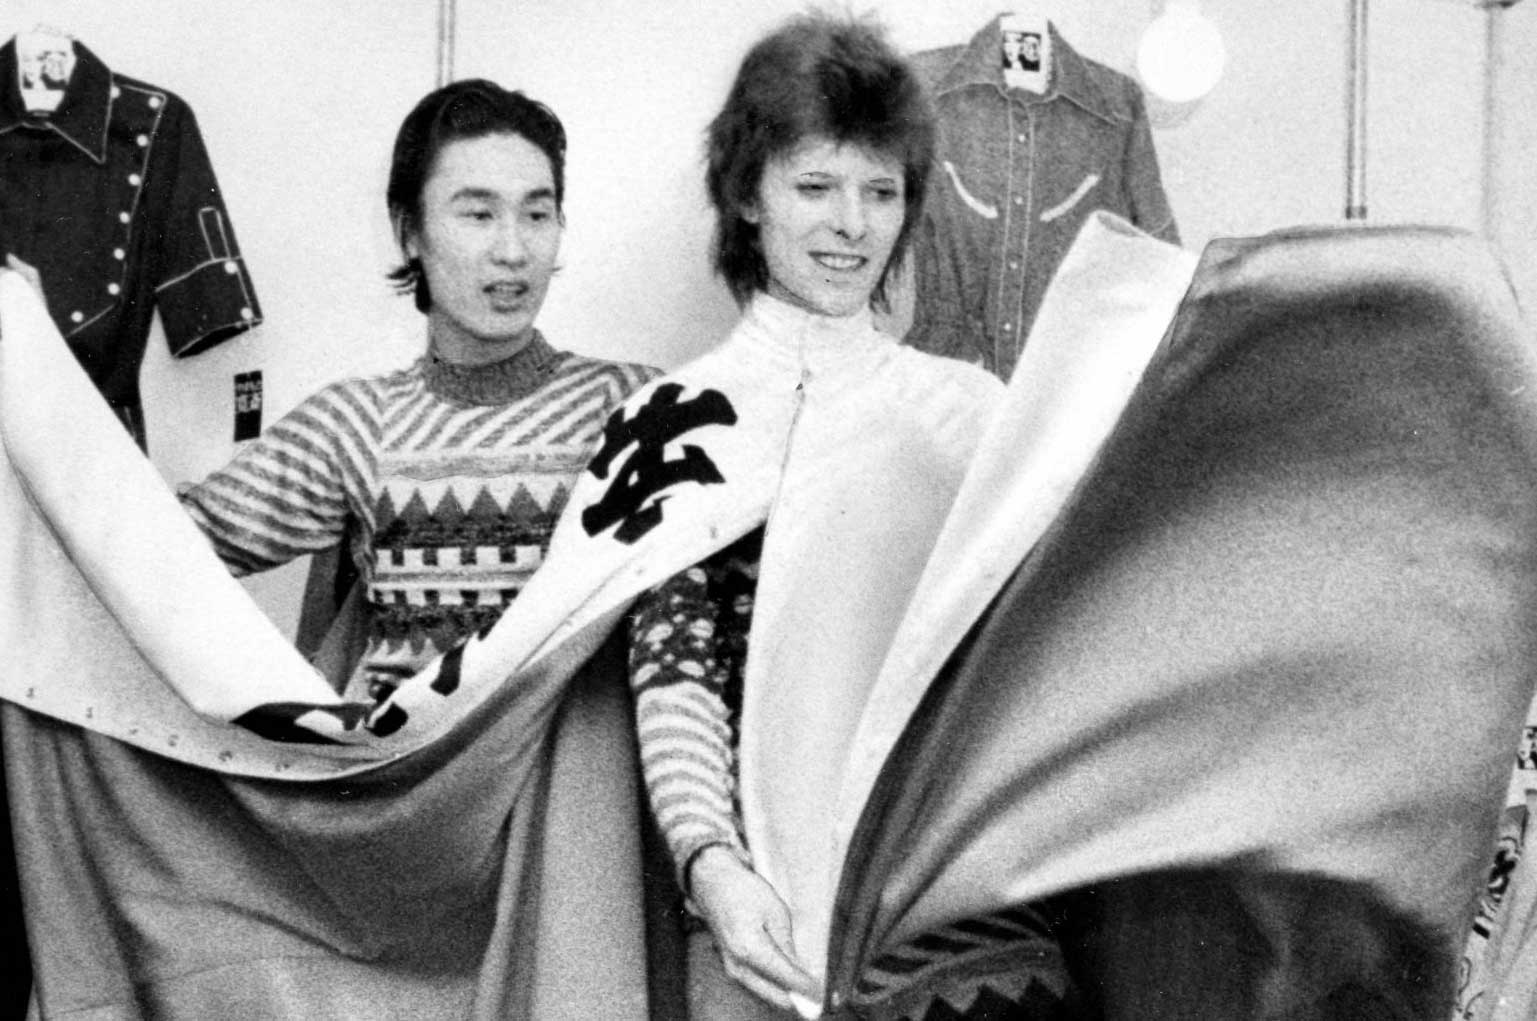 ¿Quién fue Kansai Yamamoto, el diseñador detrás de los atuendos de David Bowie?